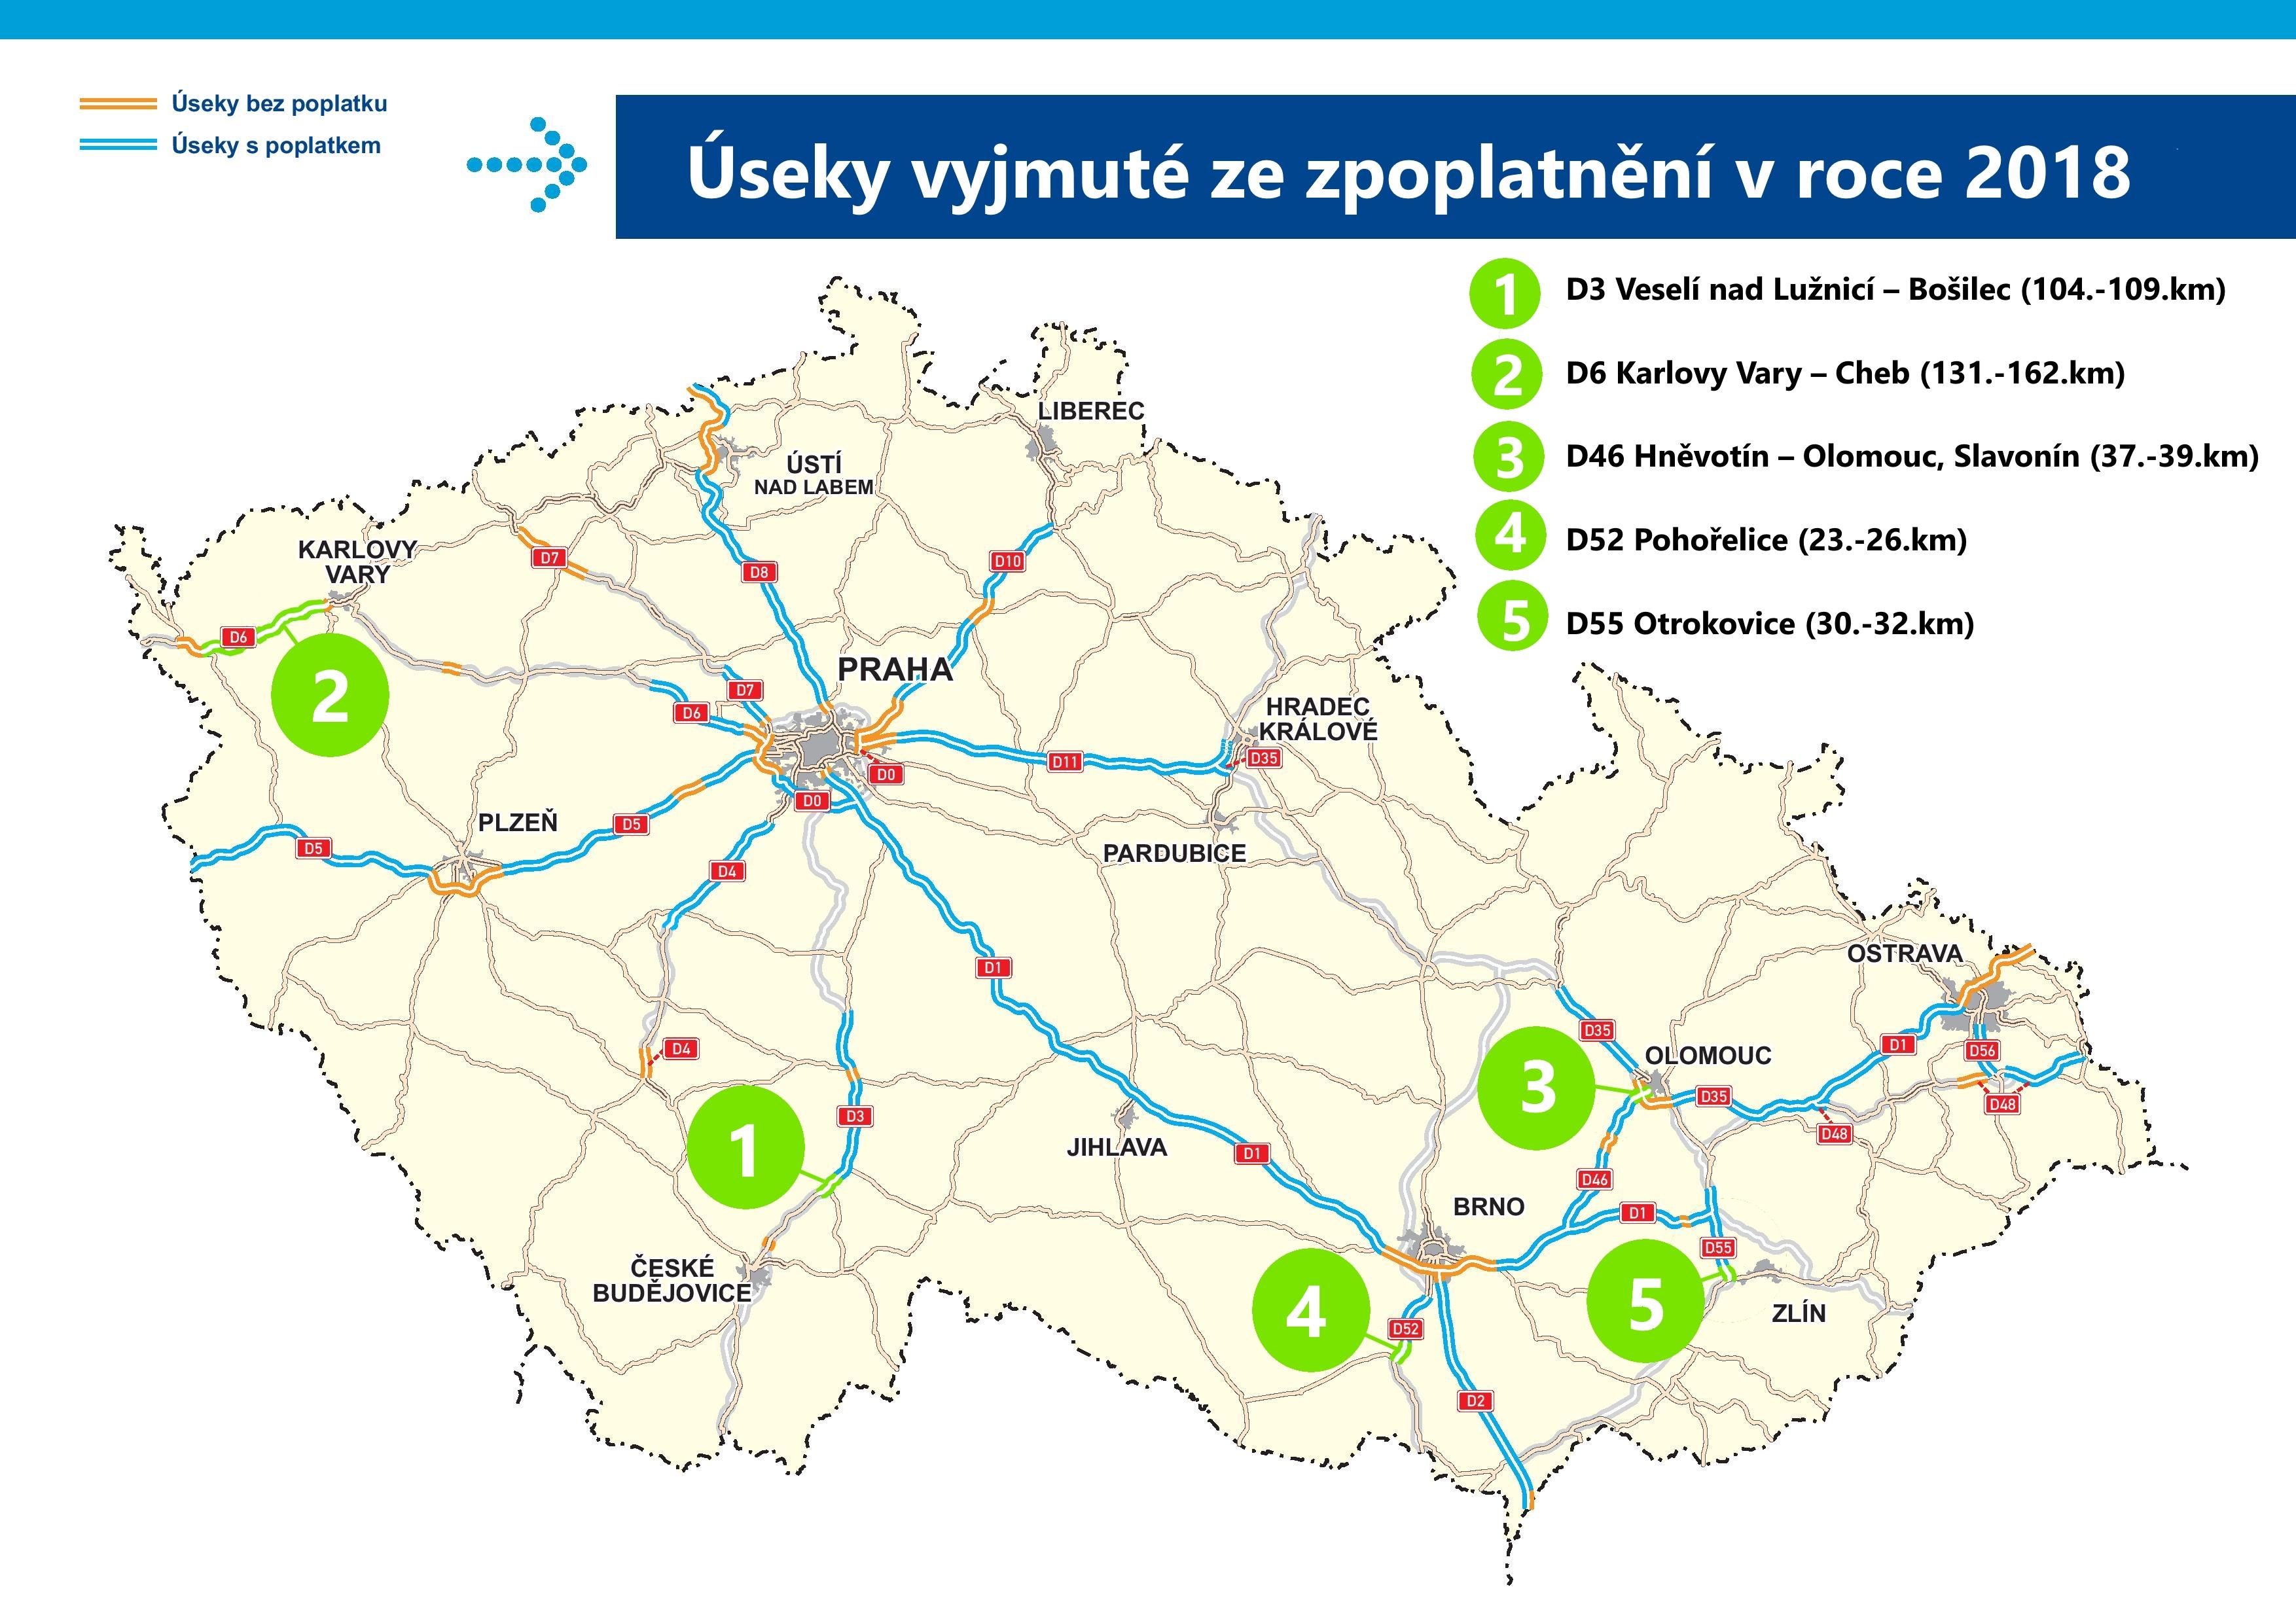 mapa-znepoplatneni-od-2018.jpg